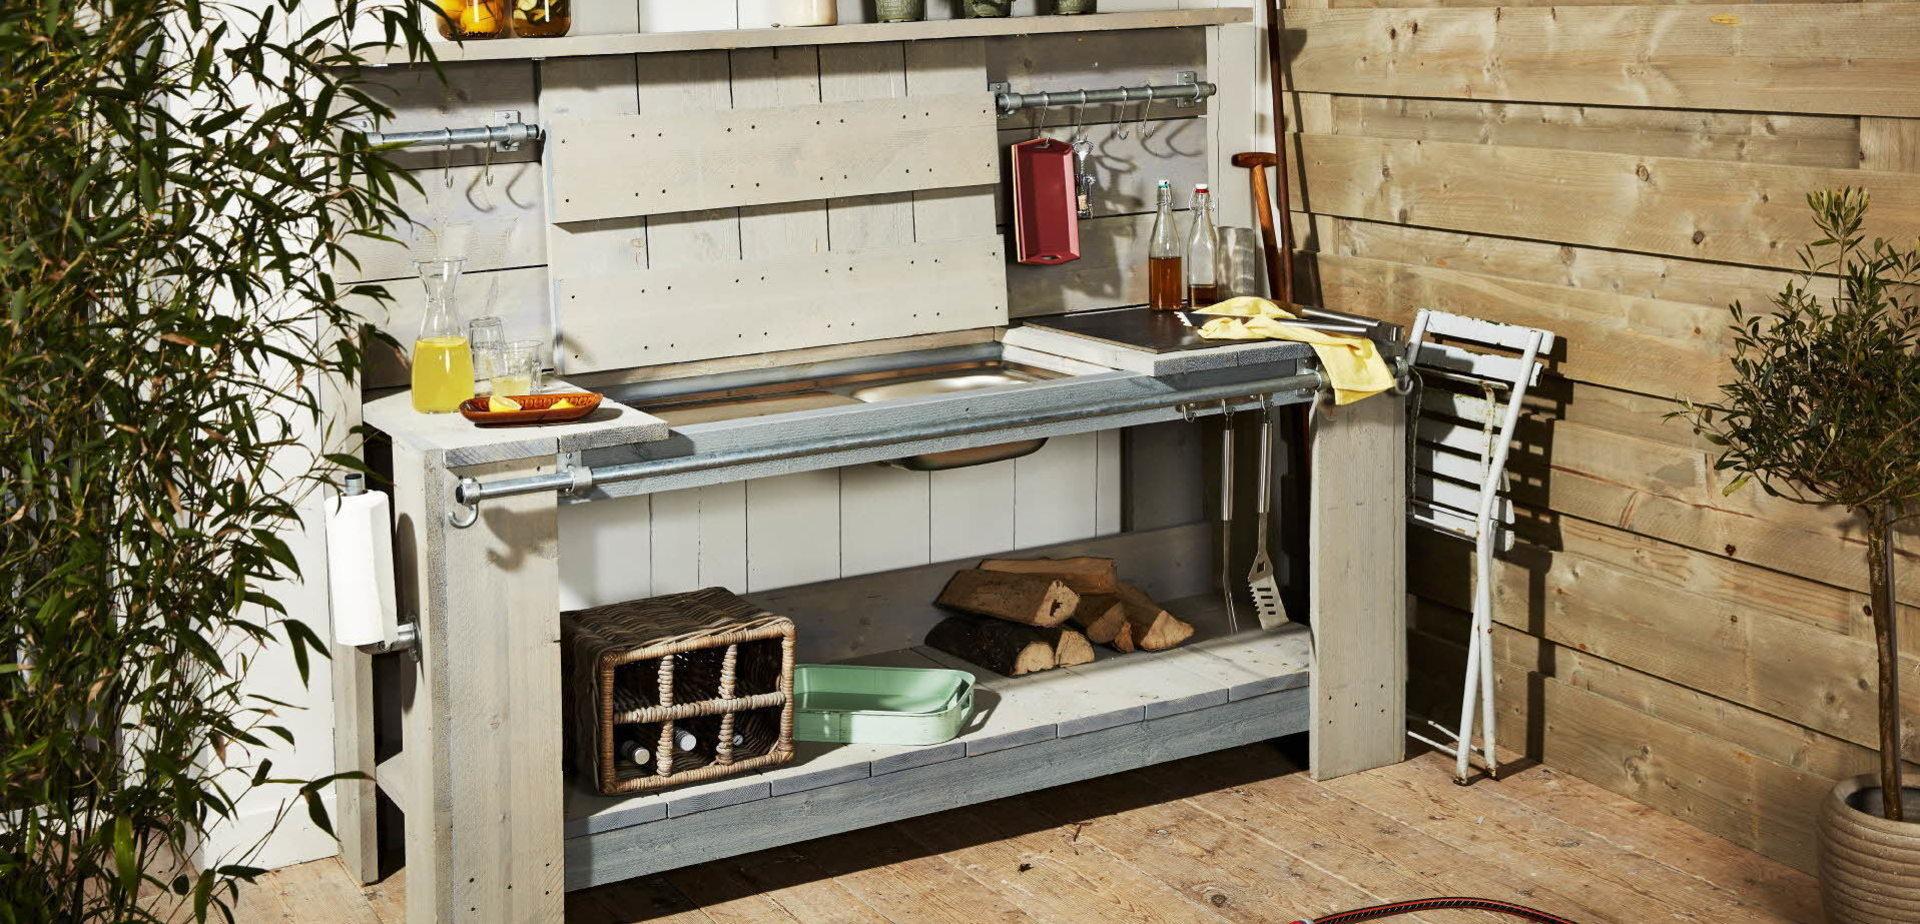 Buitenkeuken maken - Voor de makers